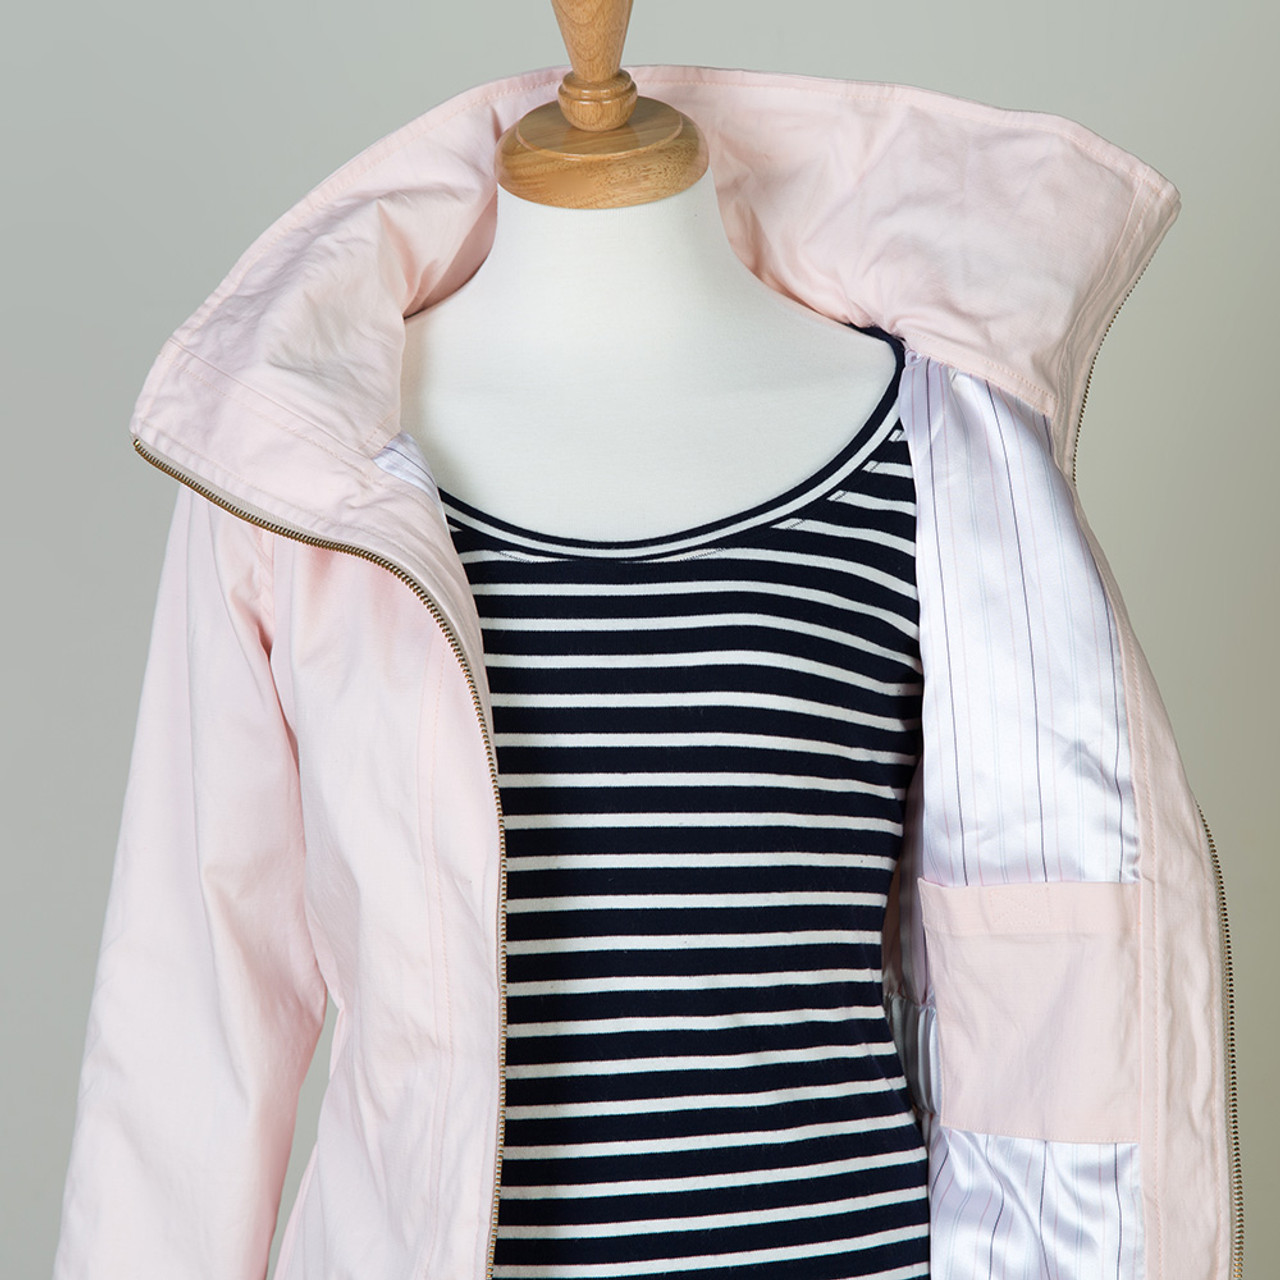 Minoru Jacket sewing pattern by Sewaholic Patterns, zip front jacket ...